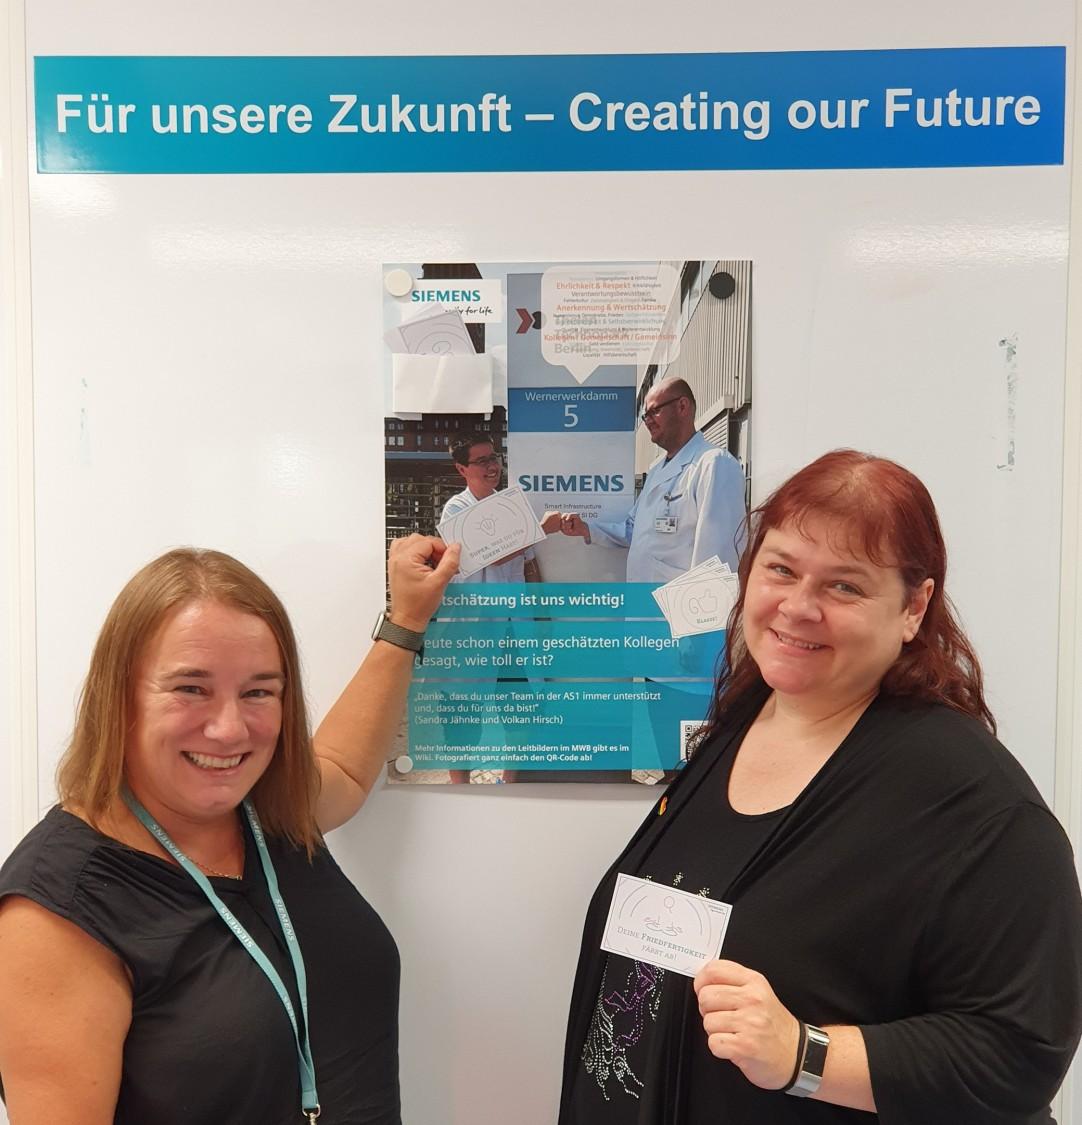 Die Initiatorinnen der Posteraktion: Anja Mack (links) und Tanja Schmettlach.